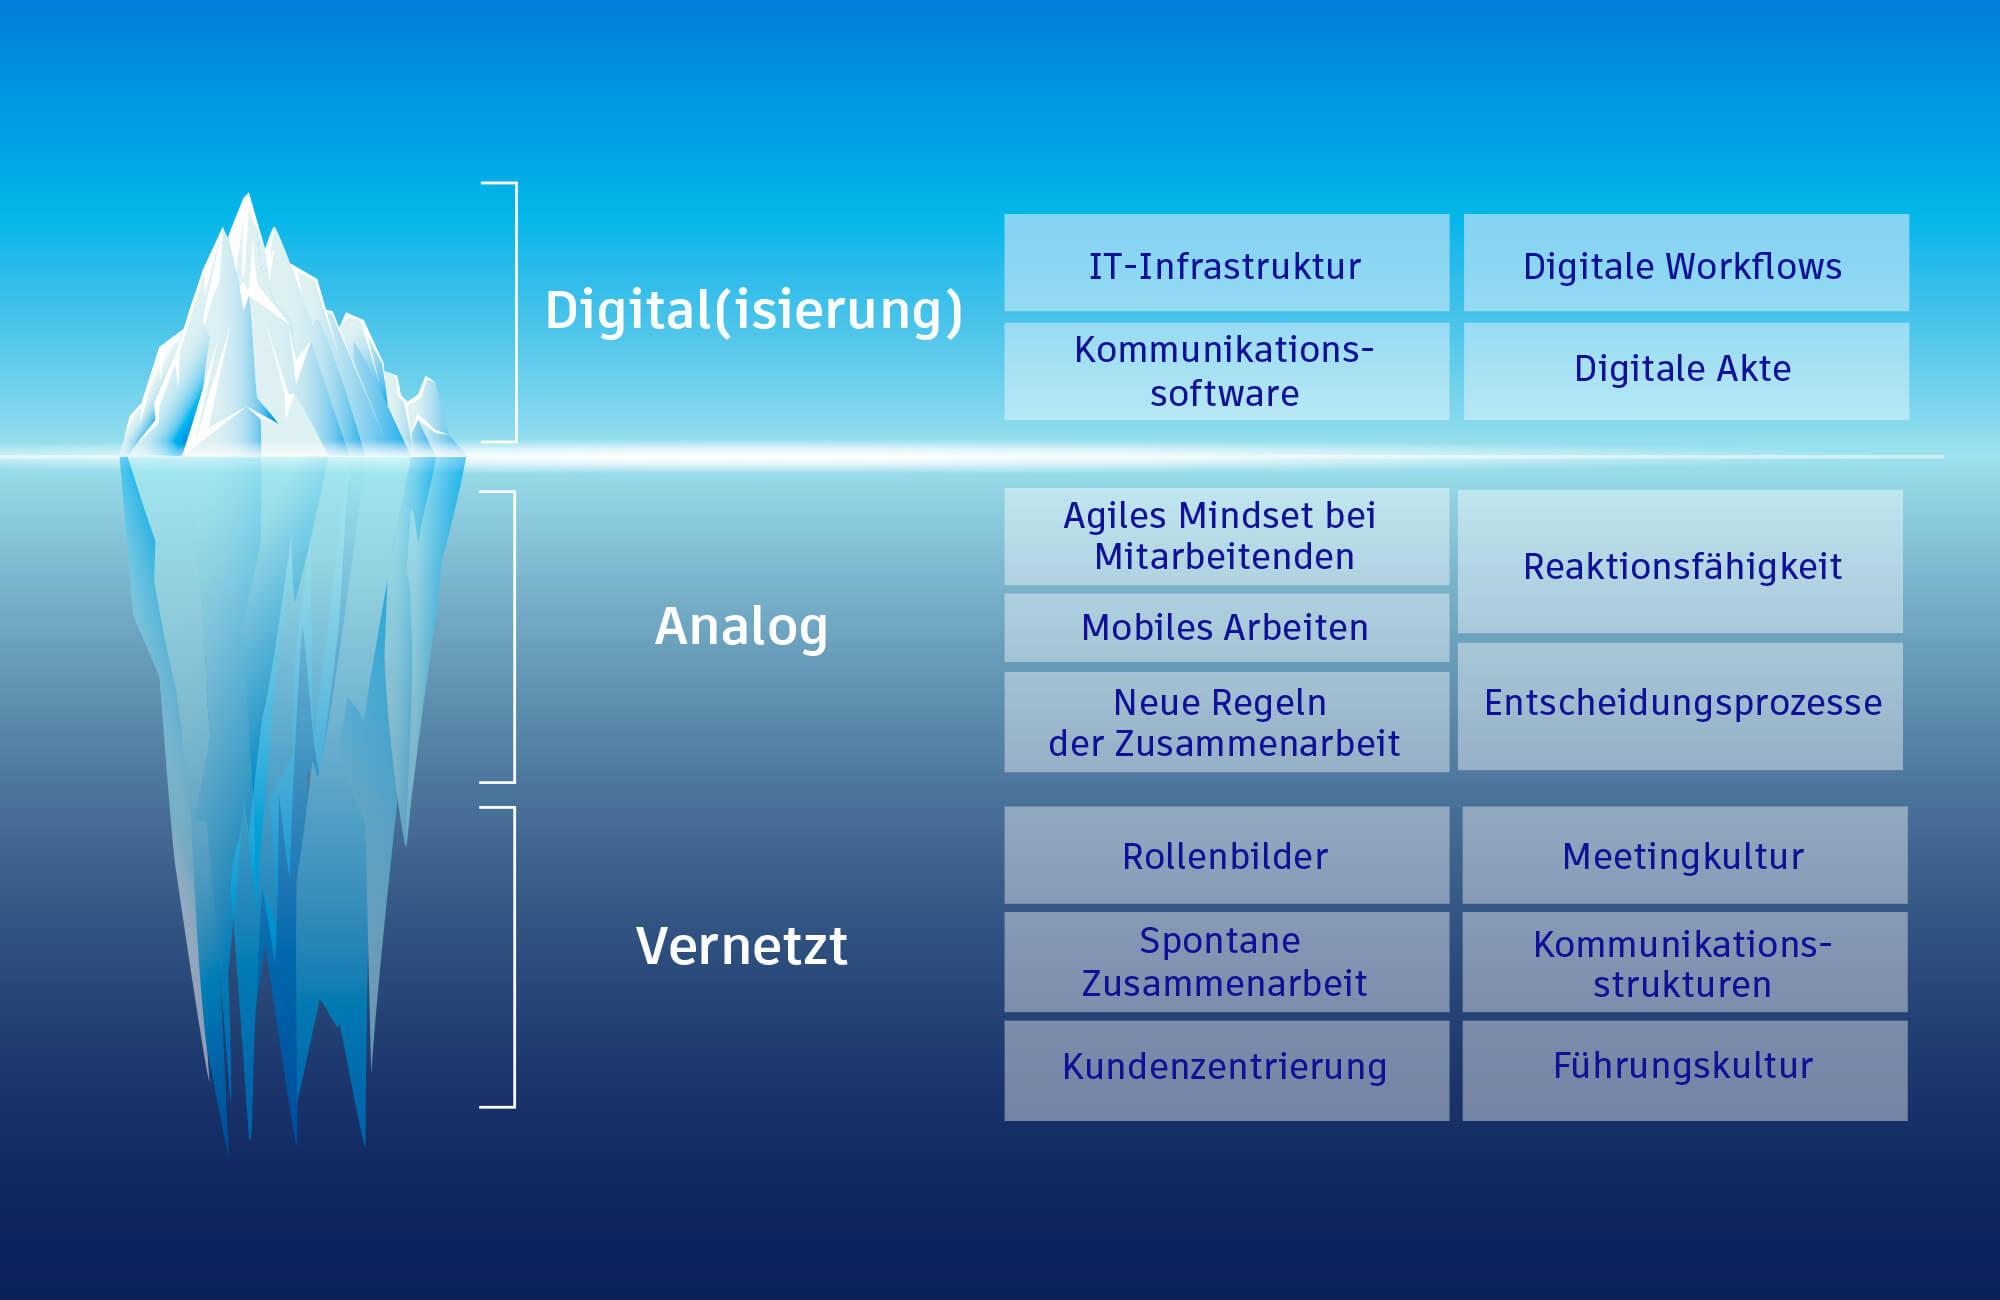 Die Digitale Transformation und ihr Ansatz sind deutlich umfassender als Industrie 4.0 und bedeutet mehr als vernetzte Sensoren.